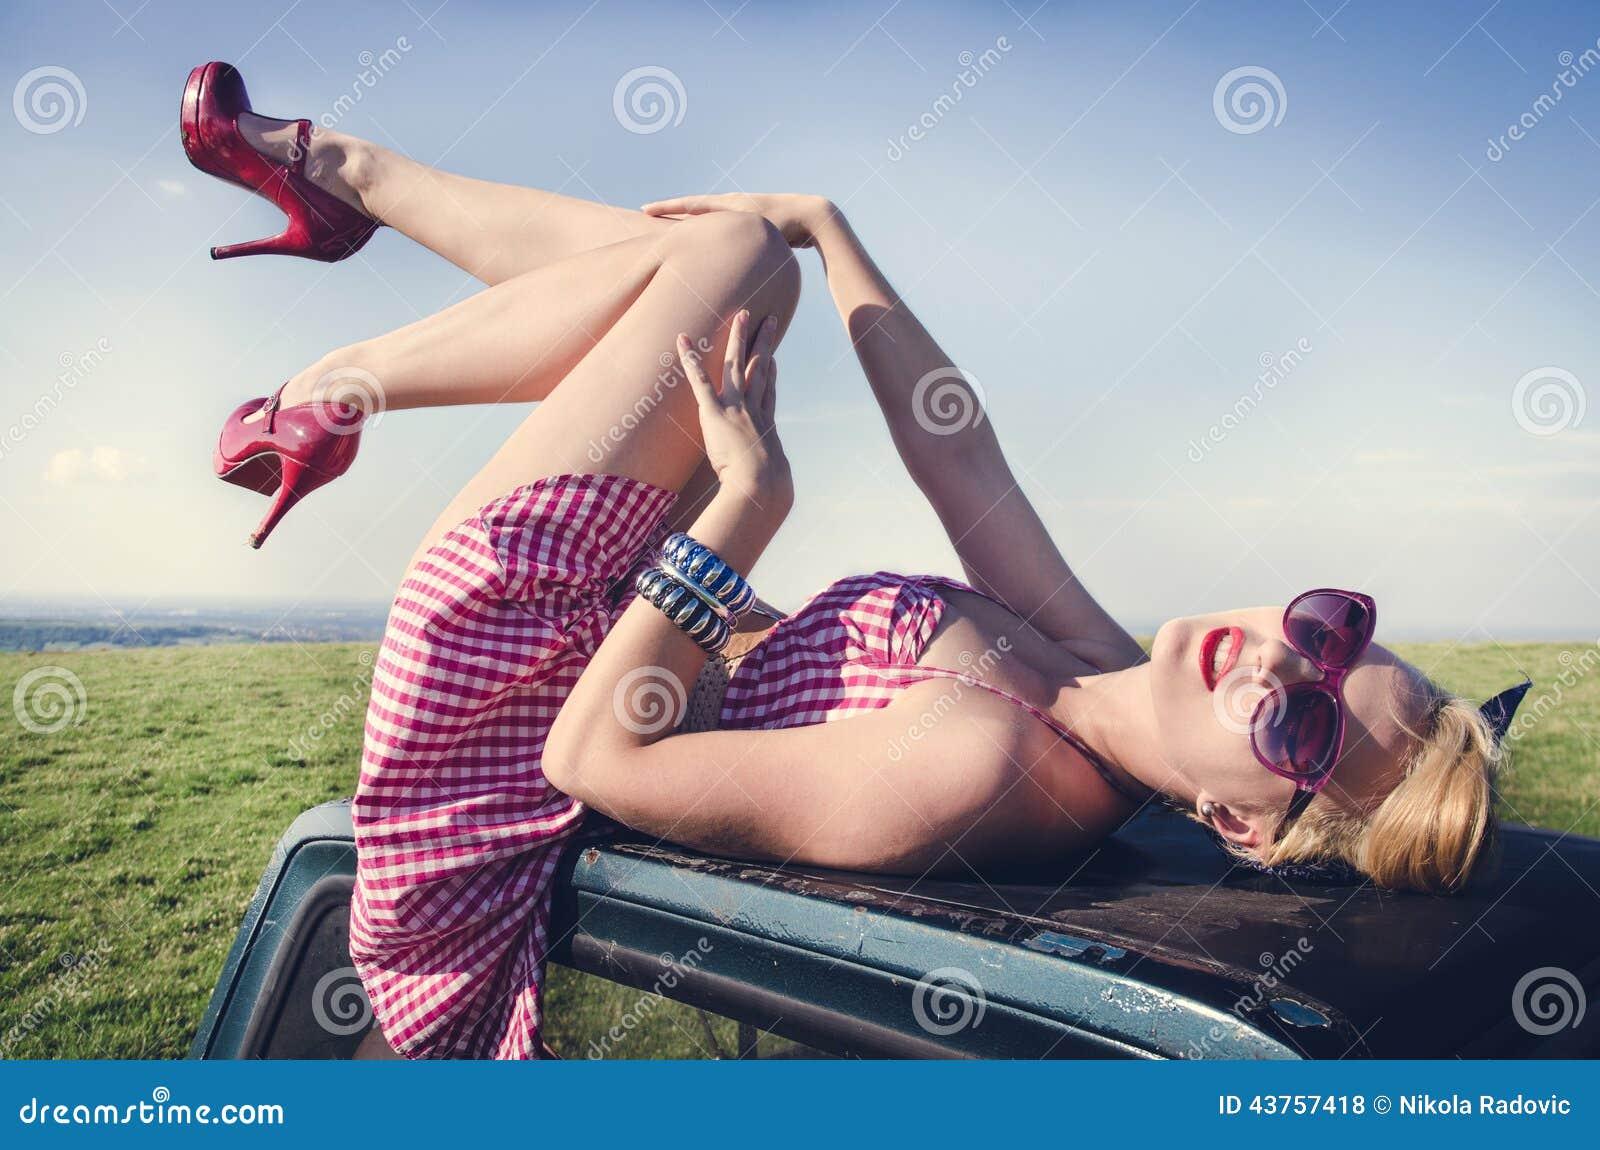 Девушка в платье дразнит видео фото 290-30